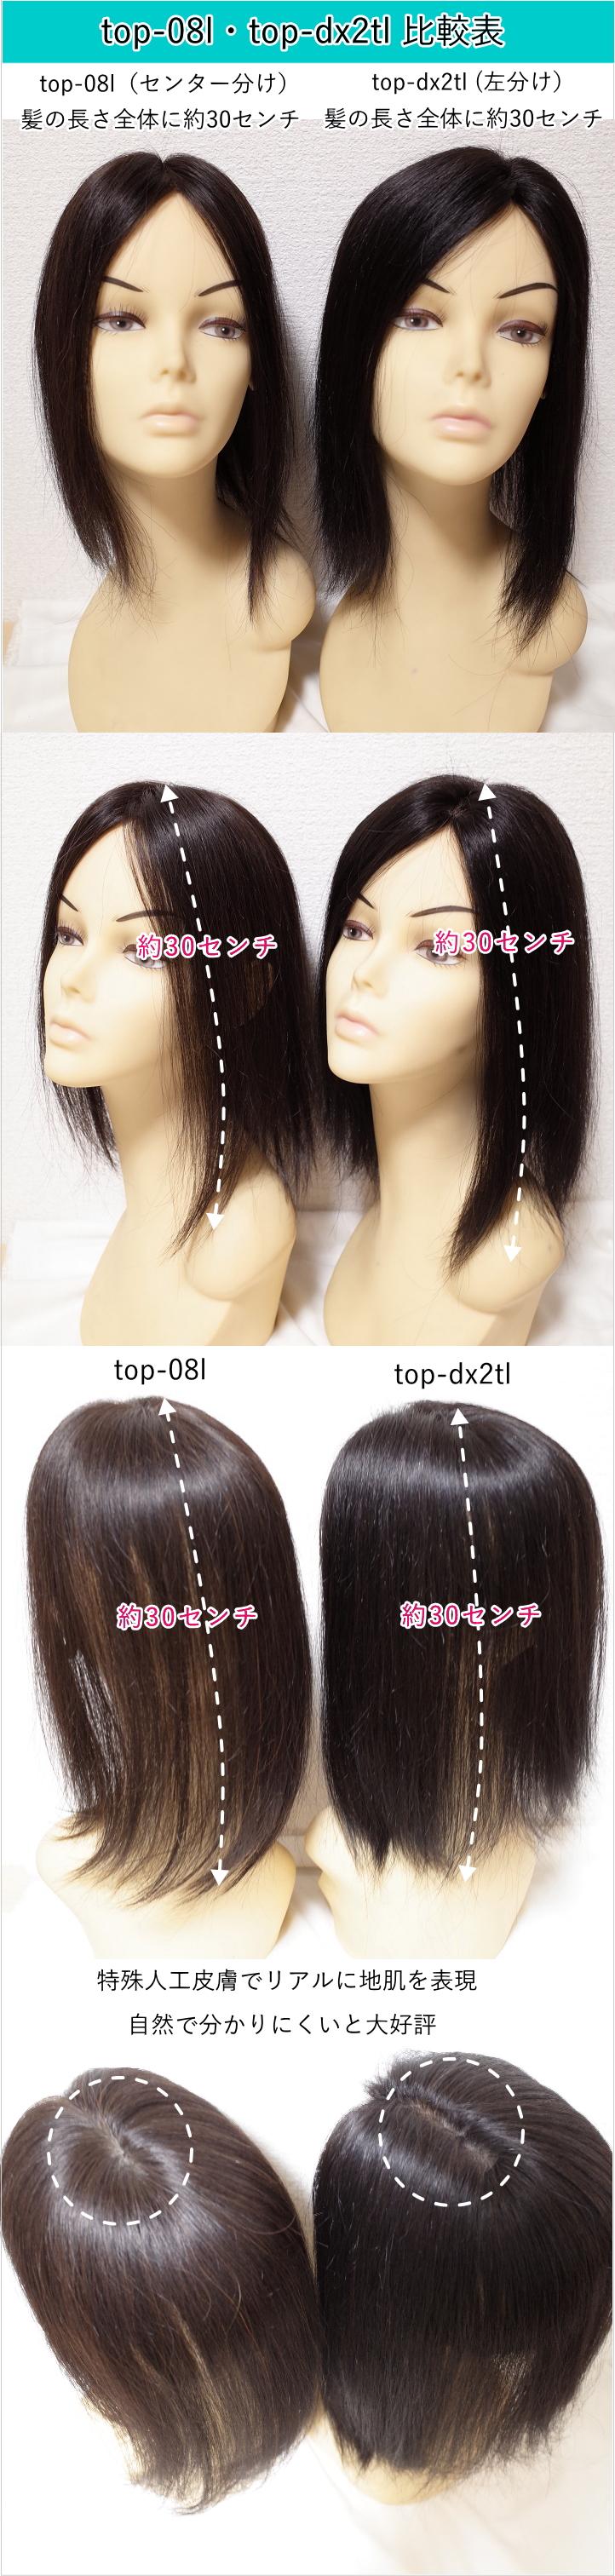 人毛部分ウィッグロングtop-08l・top-dx2tl比較表1